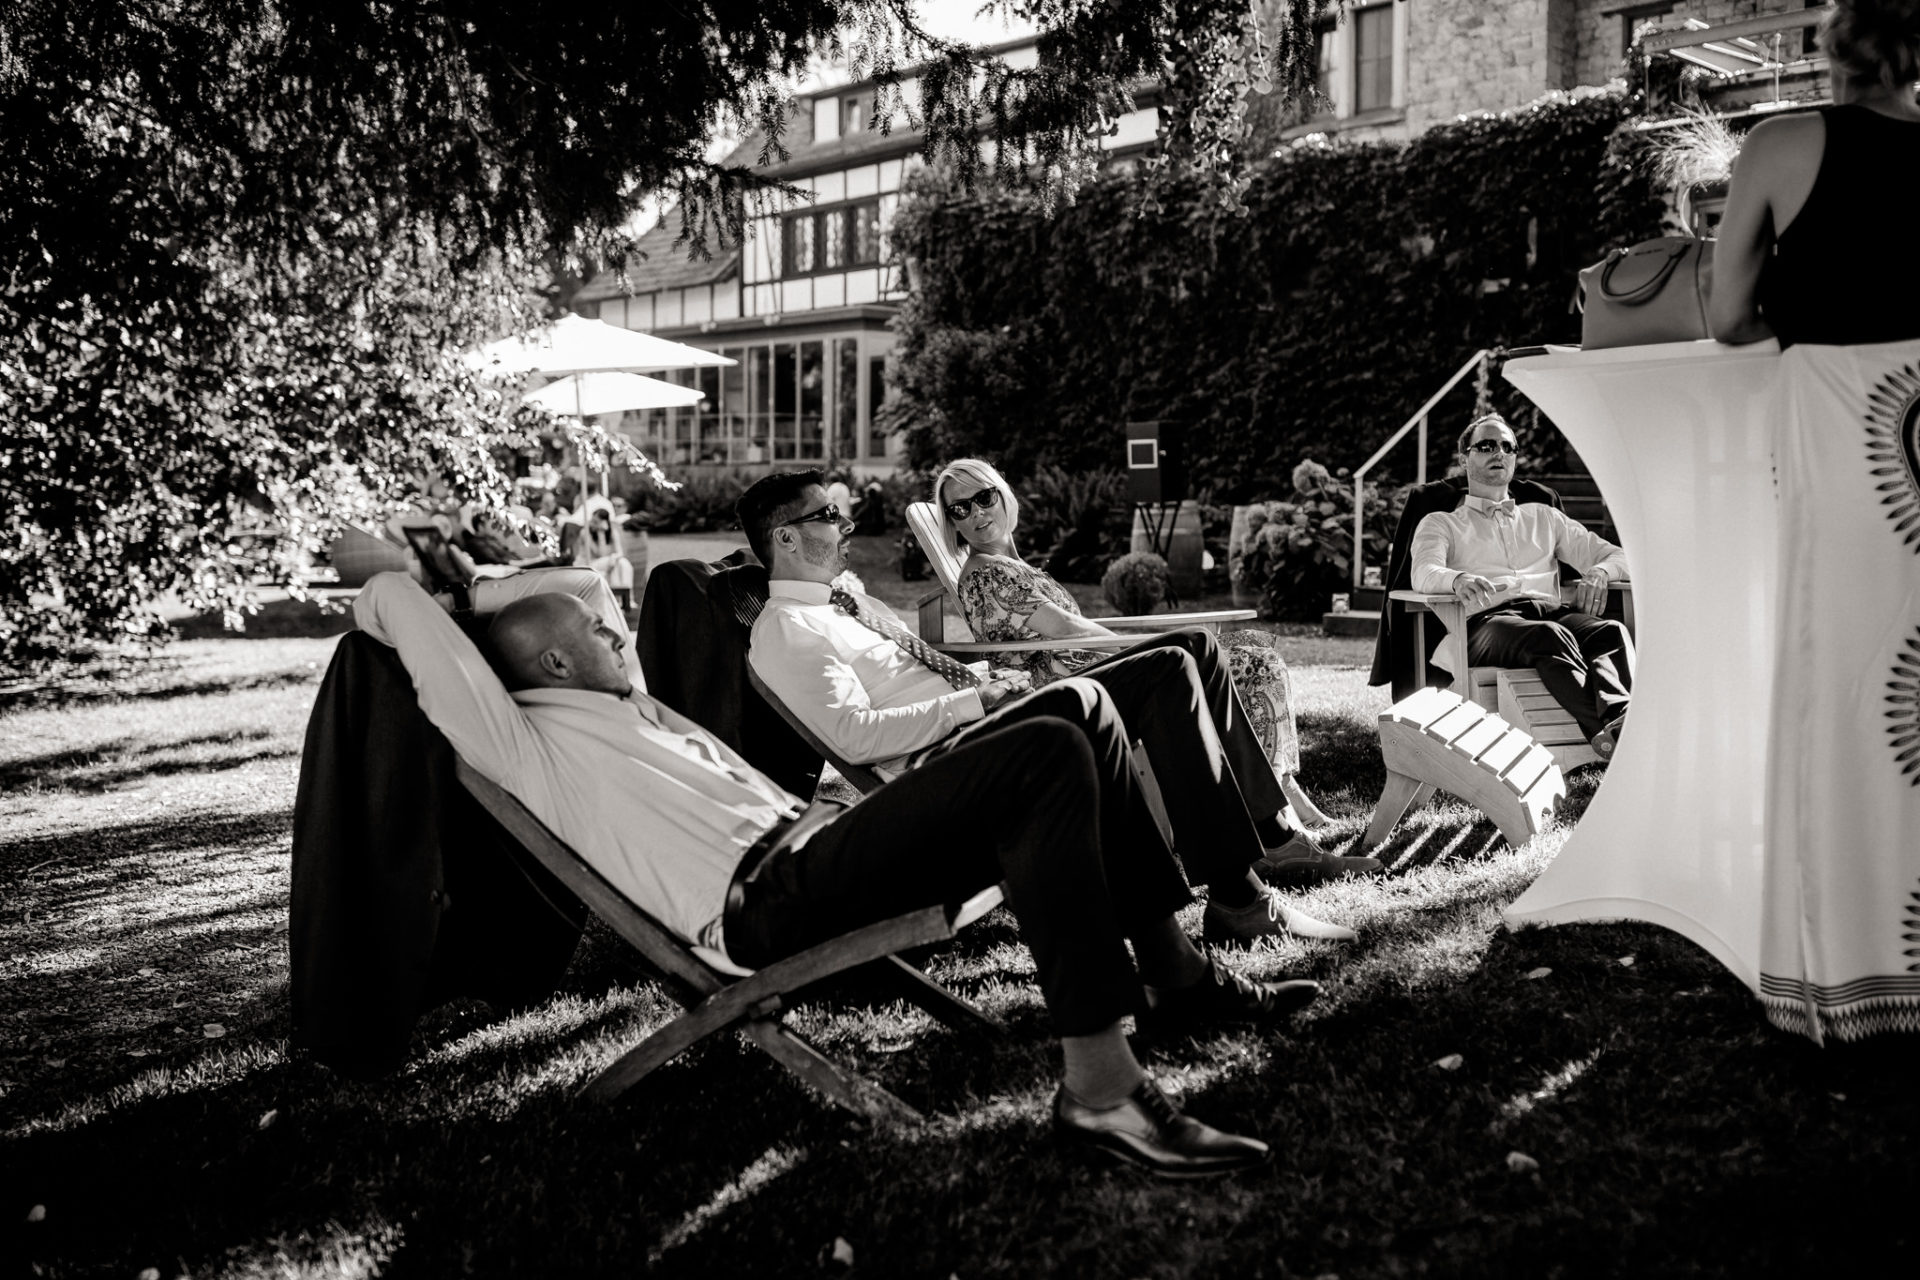 Weingut Fitz Ritter Hochzeitsfotograf-heiraten Pfalz-Sommerhochzeit Garten Liegestühle